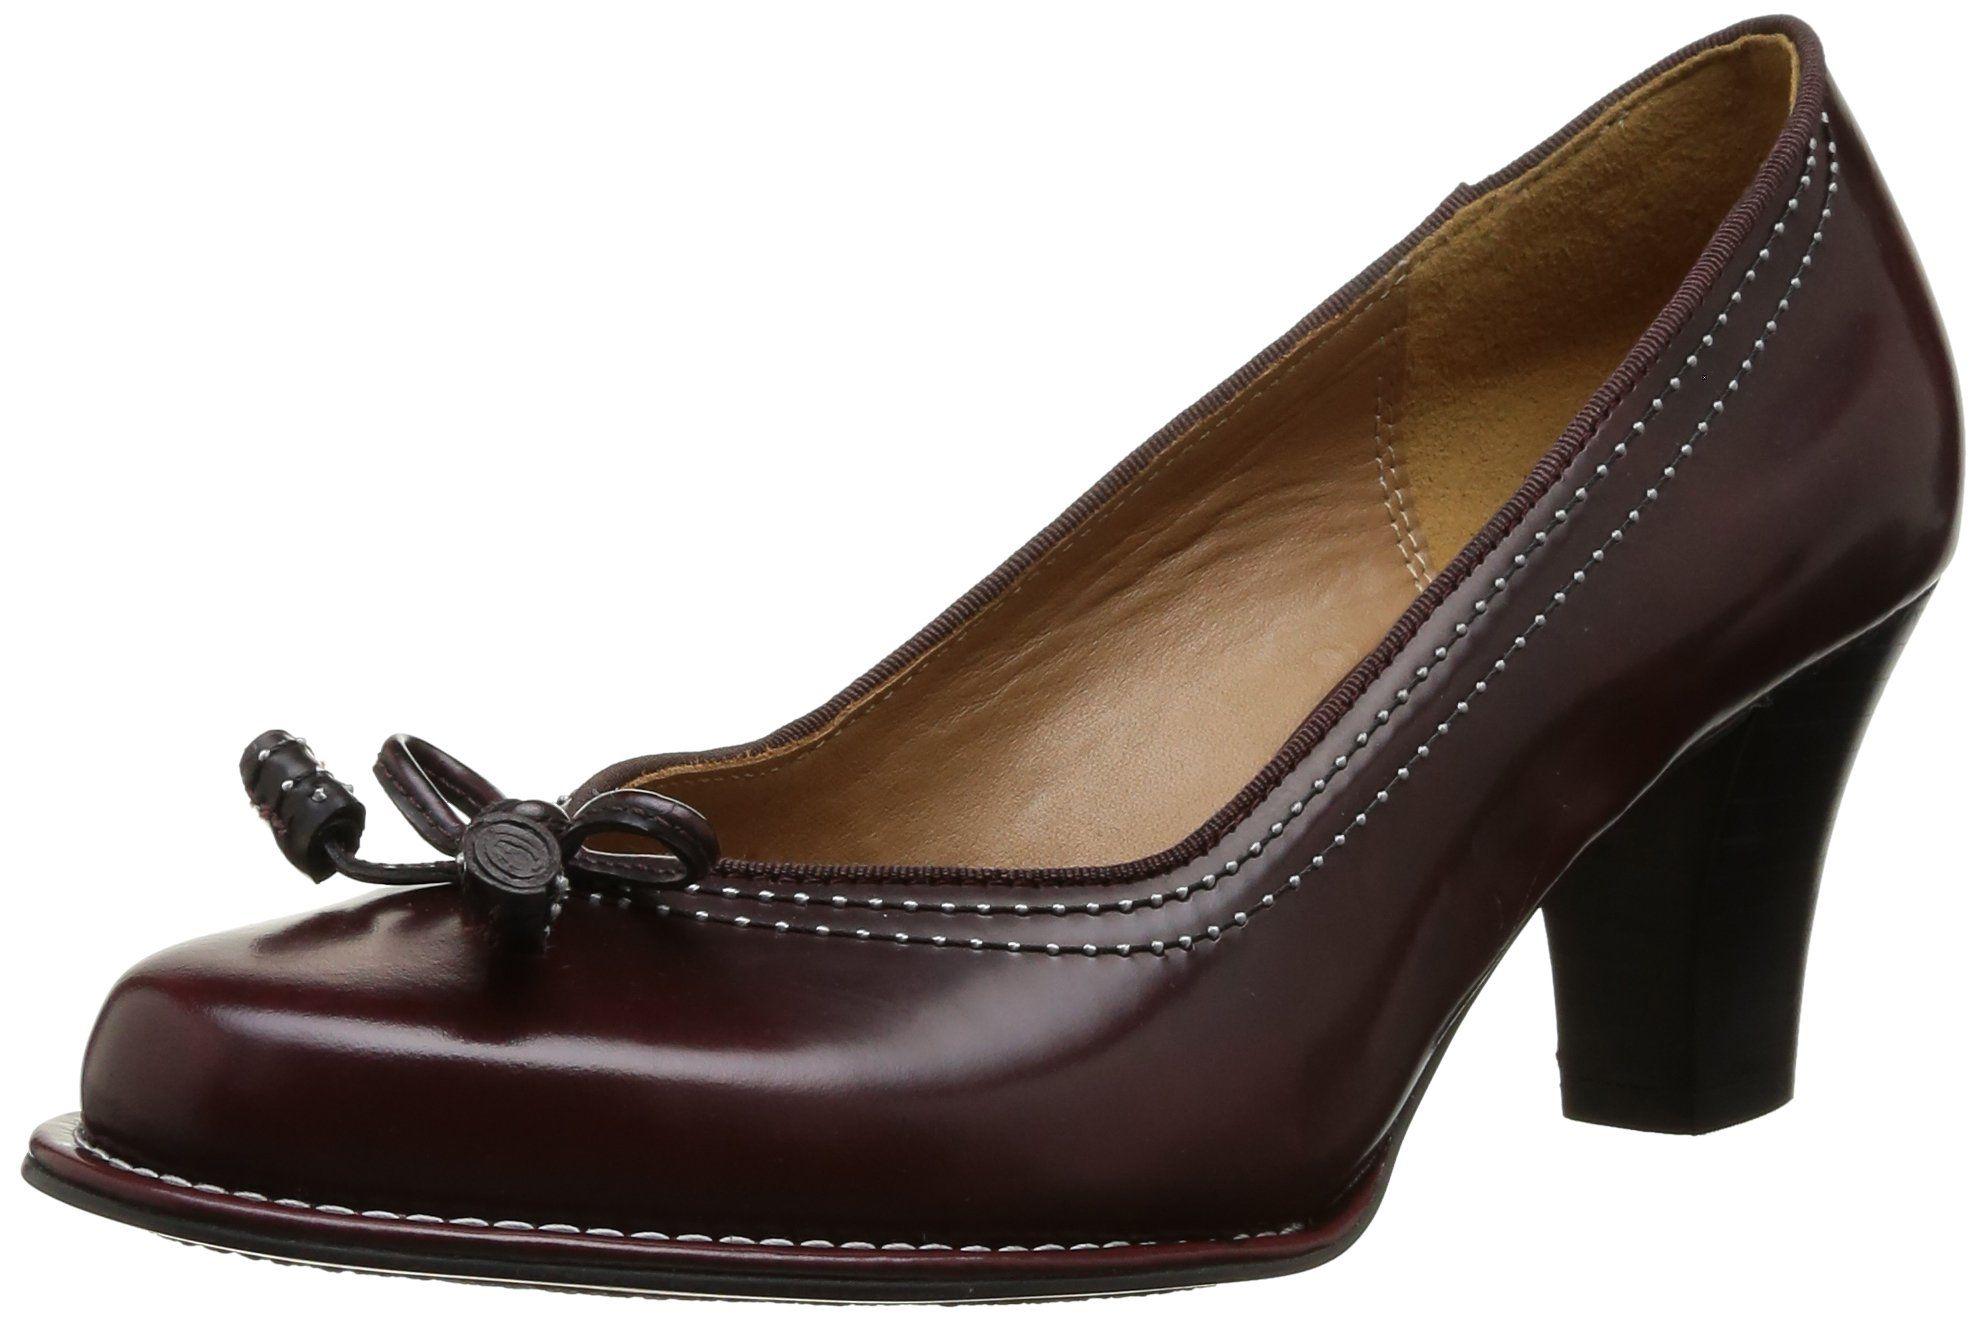 Laboratorio labio En expansión  Clarks Bombay Lights - zapatos de tacón cerrados de cuero mujer: Amazon.es:  Zapatos y complementos | Zapatos de tacon, Tacones, Clarks